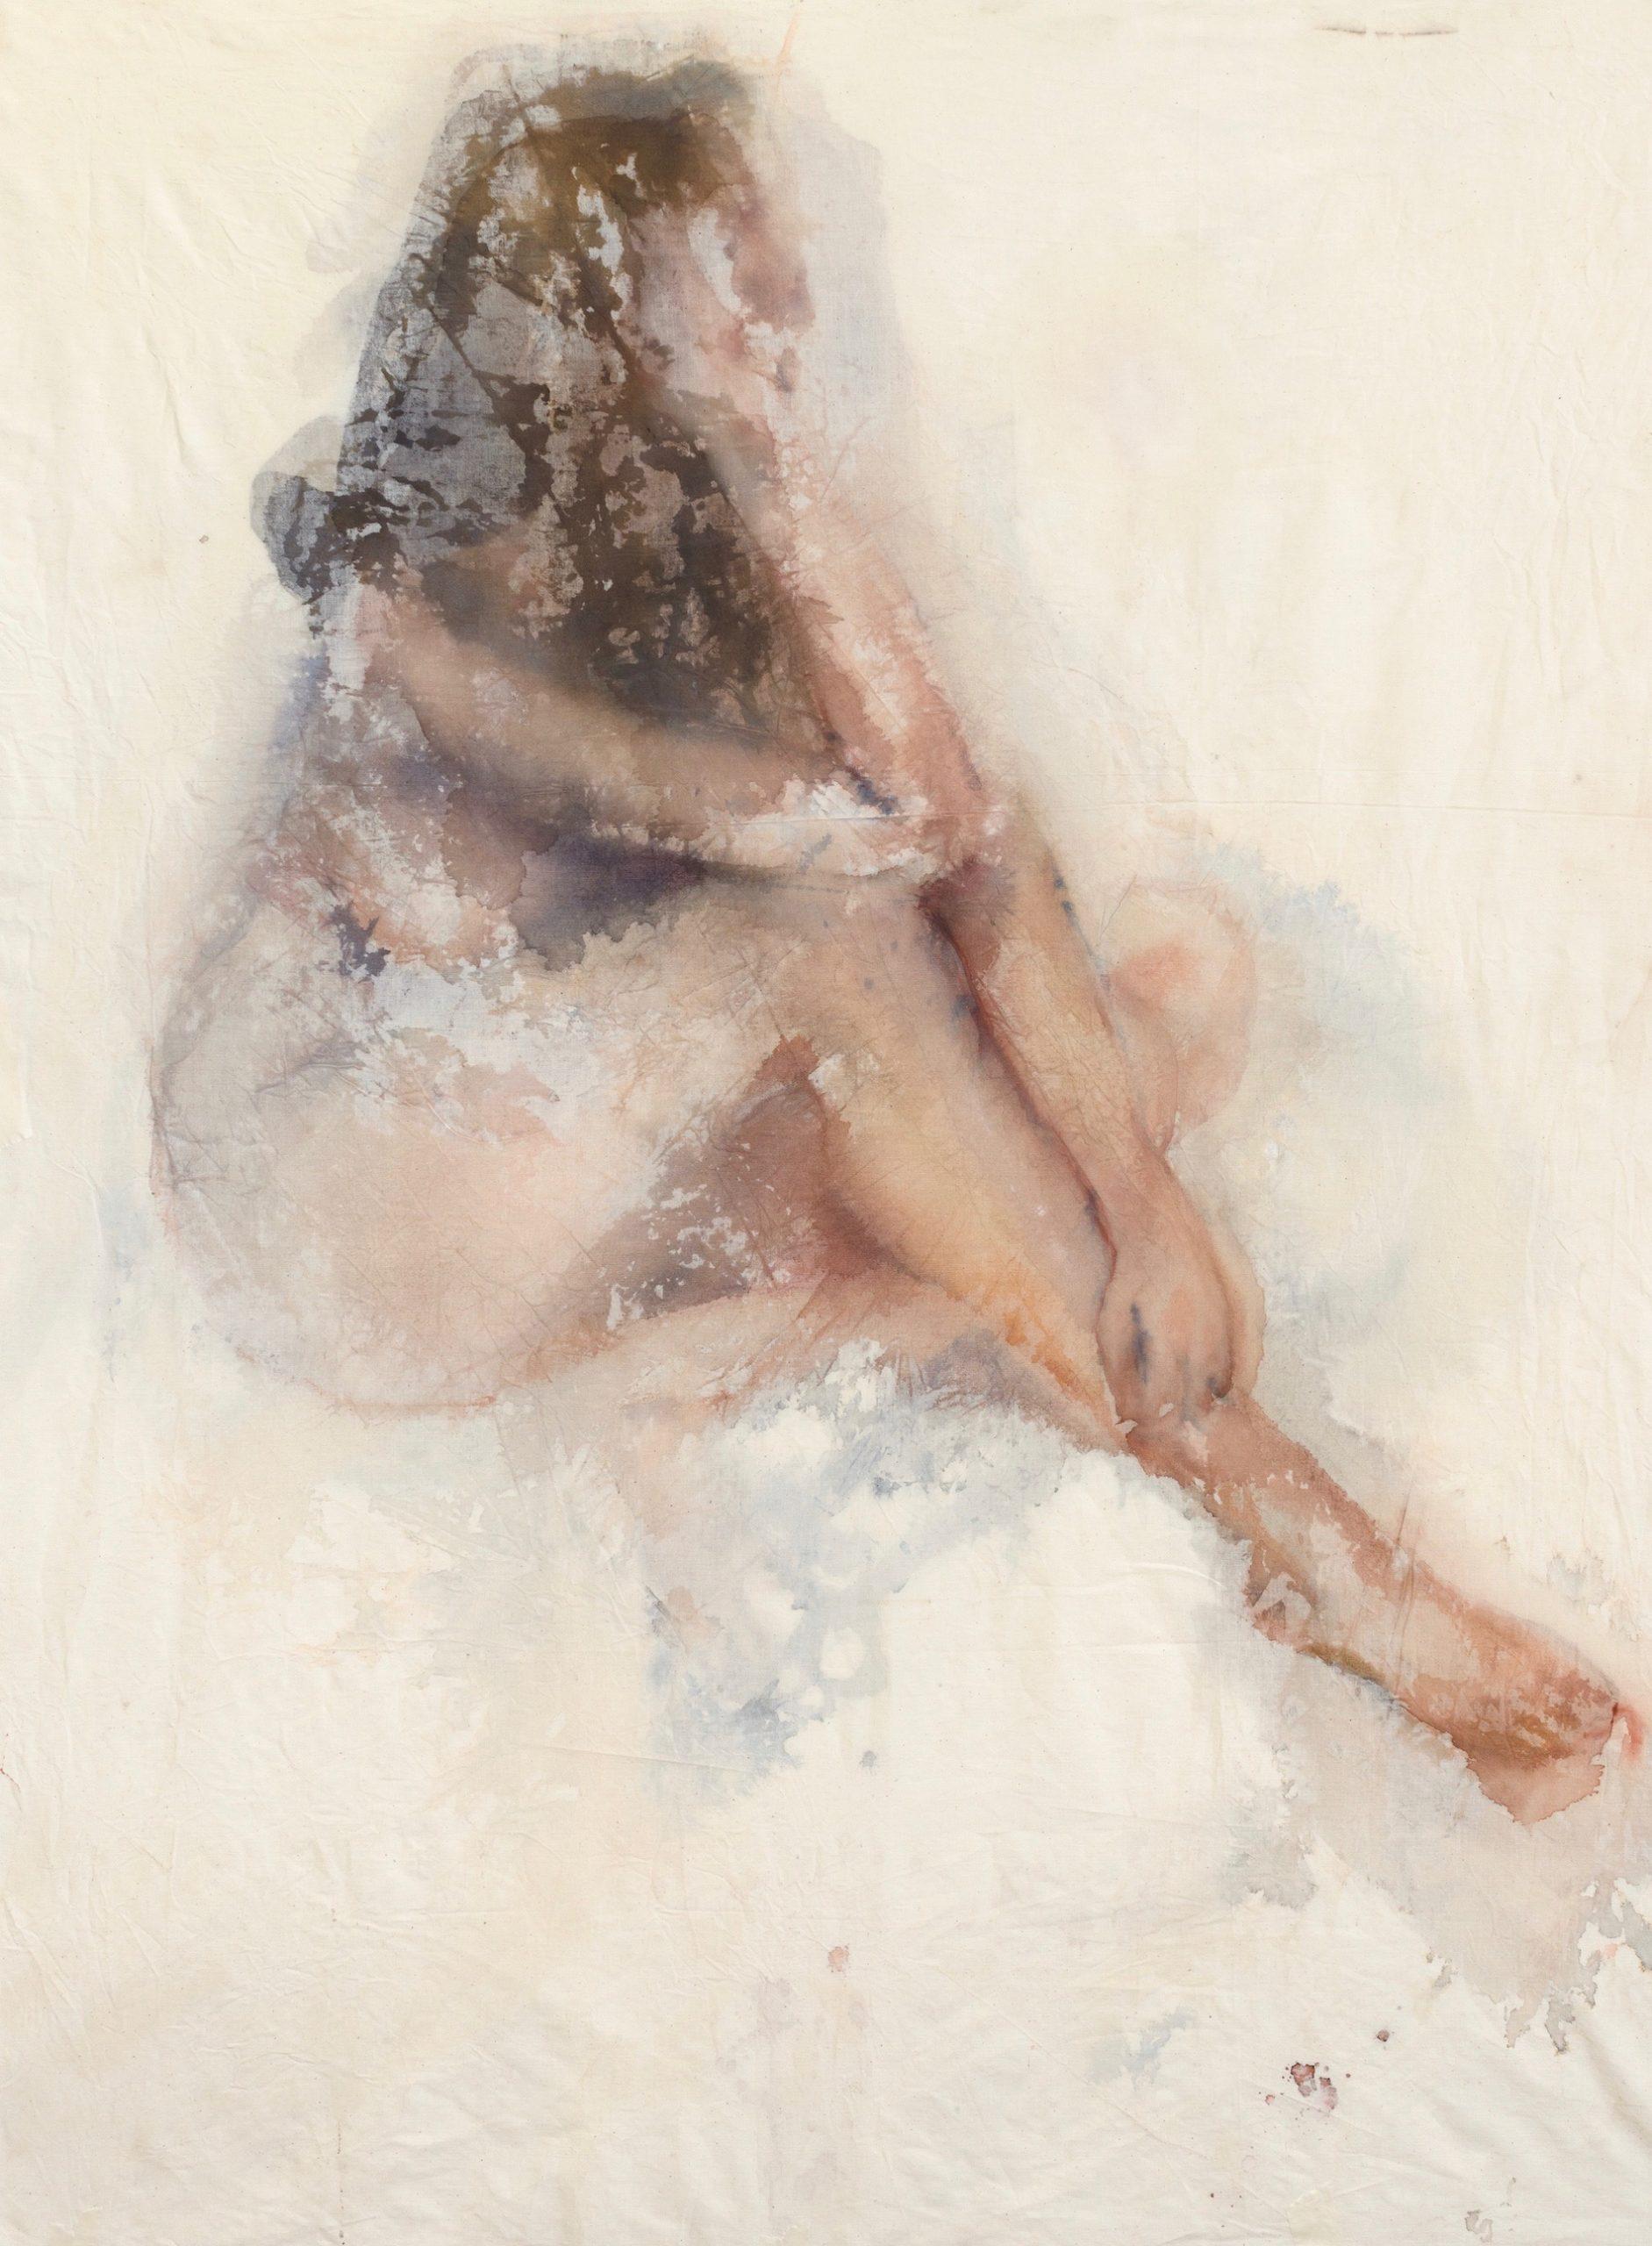 une femme nue pensive